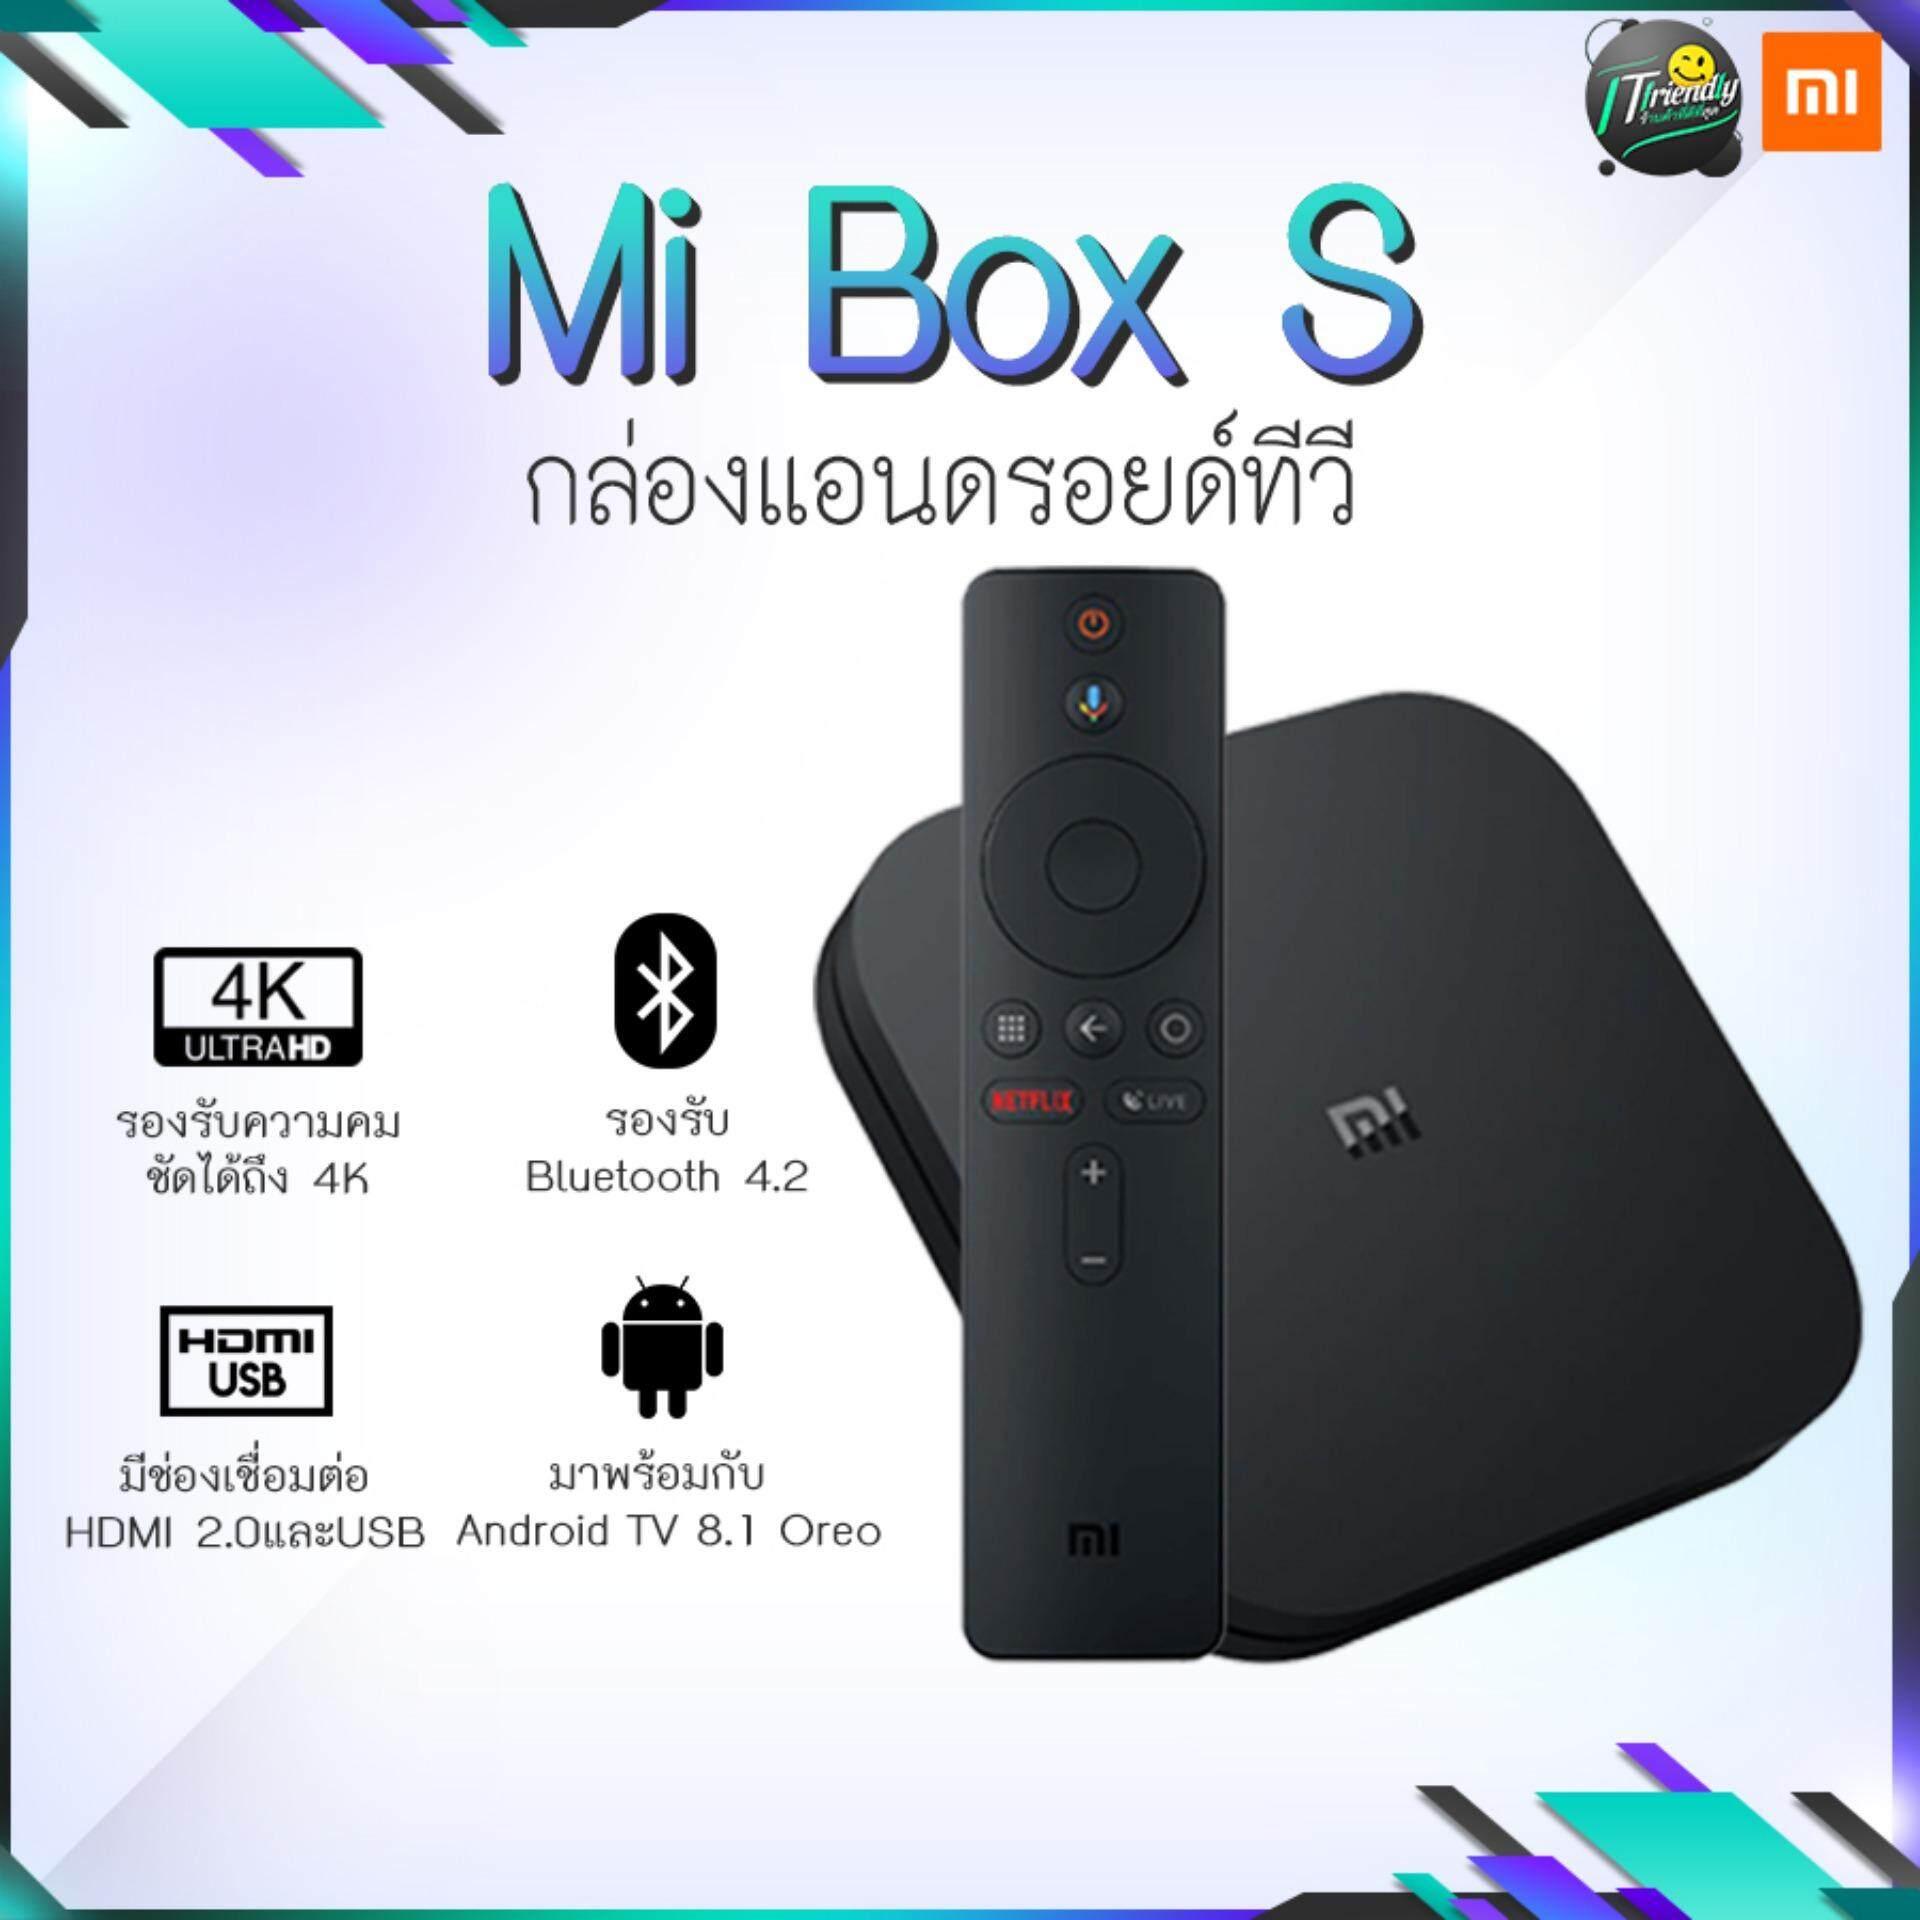 บัตรเครดิตซิตี้แบงก์ รีวอร์ด  บึงกาฬ Xiaomi Mi Box S รุ่นใหม่  Global Version - รองรับภาษาไทย android TV 8.1 หลากหลายฟังชั่นการใช้งาน